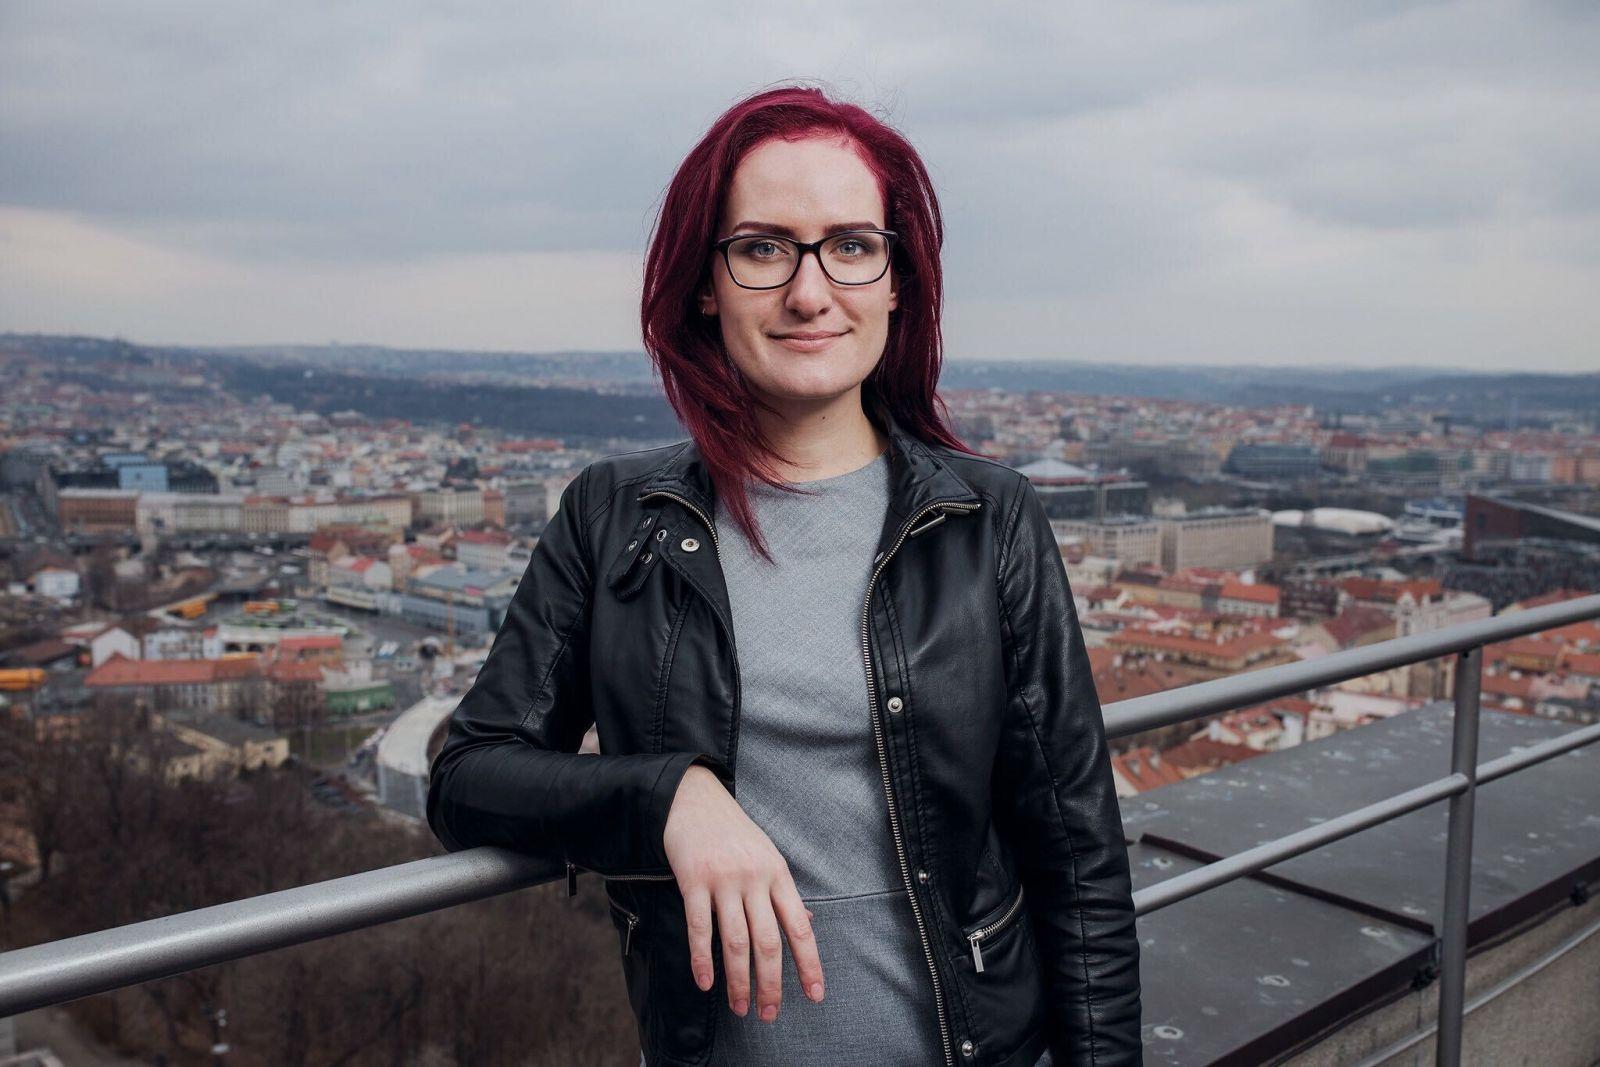 Markéta Gregorová zastupující Českou republiku v evropském výboru věnovaném dezinformacím